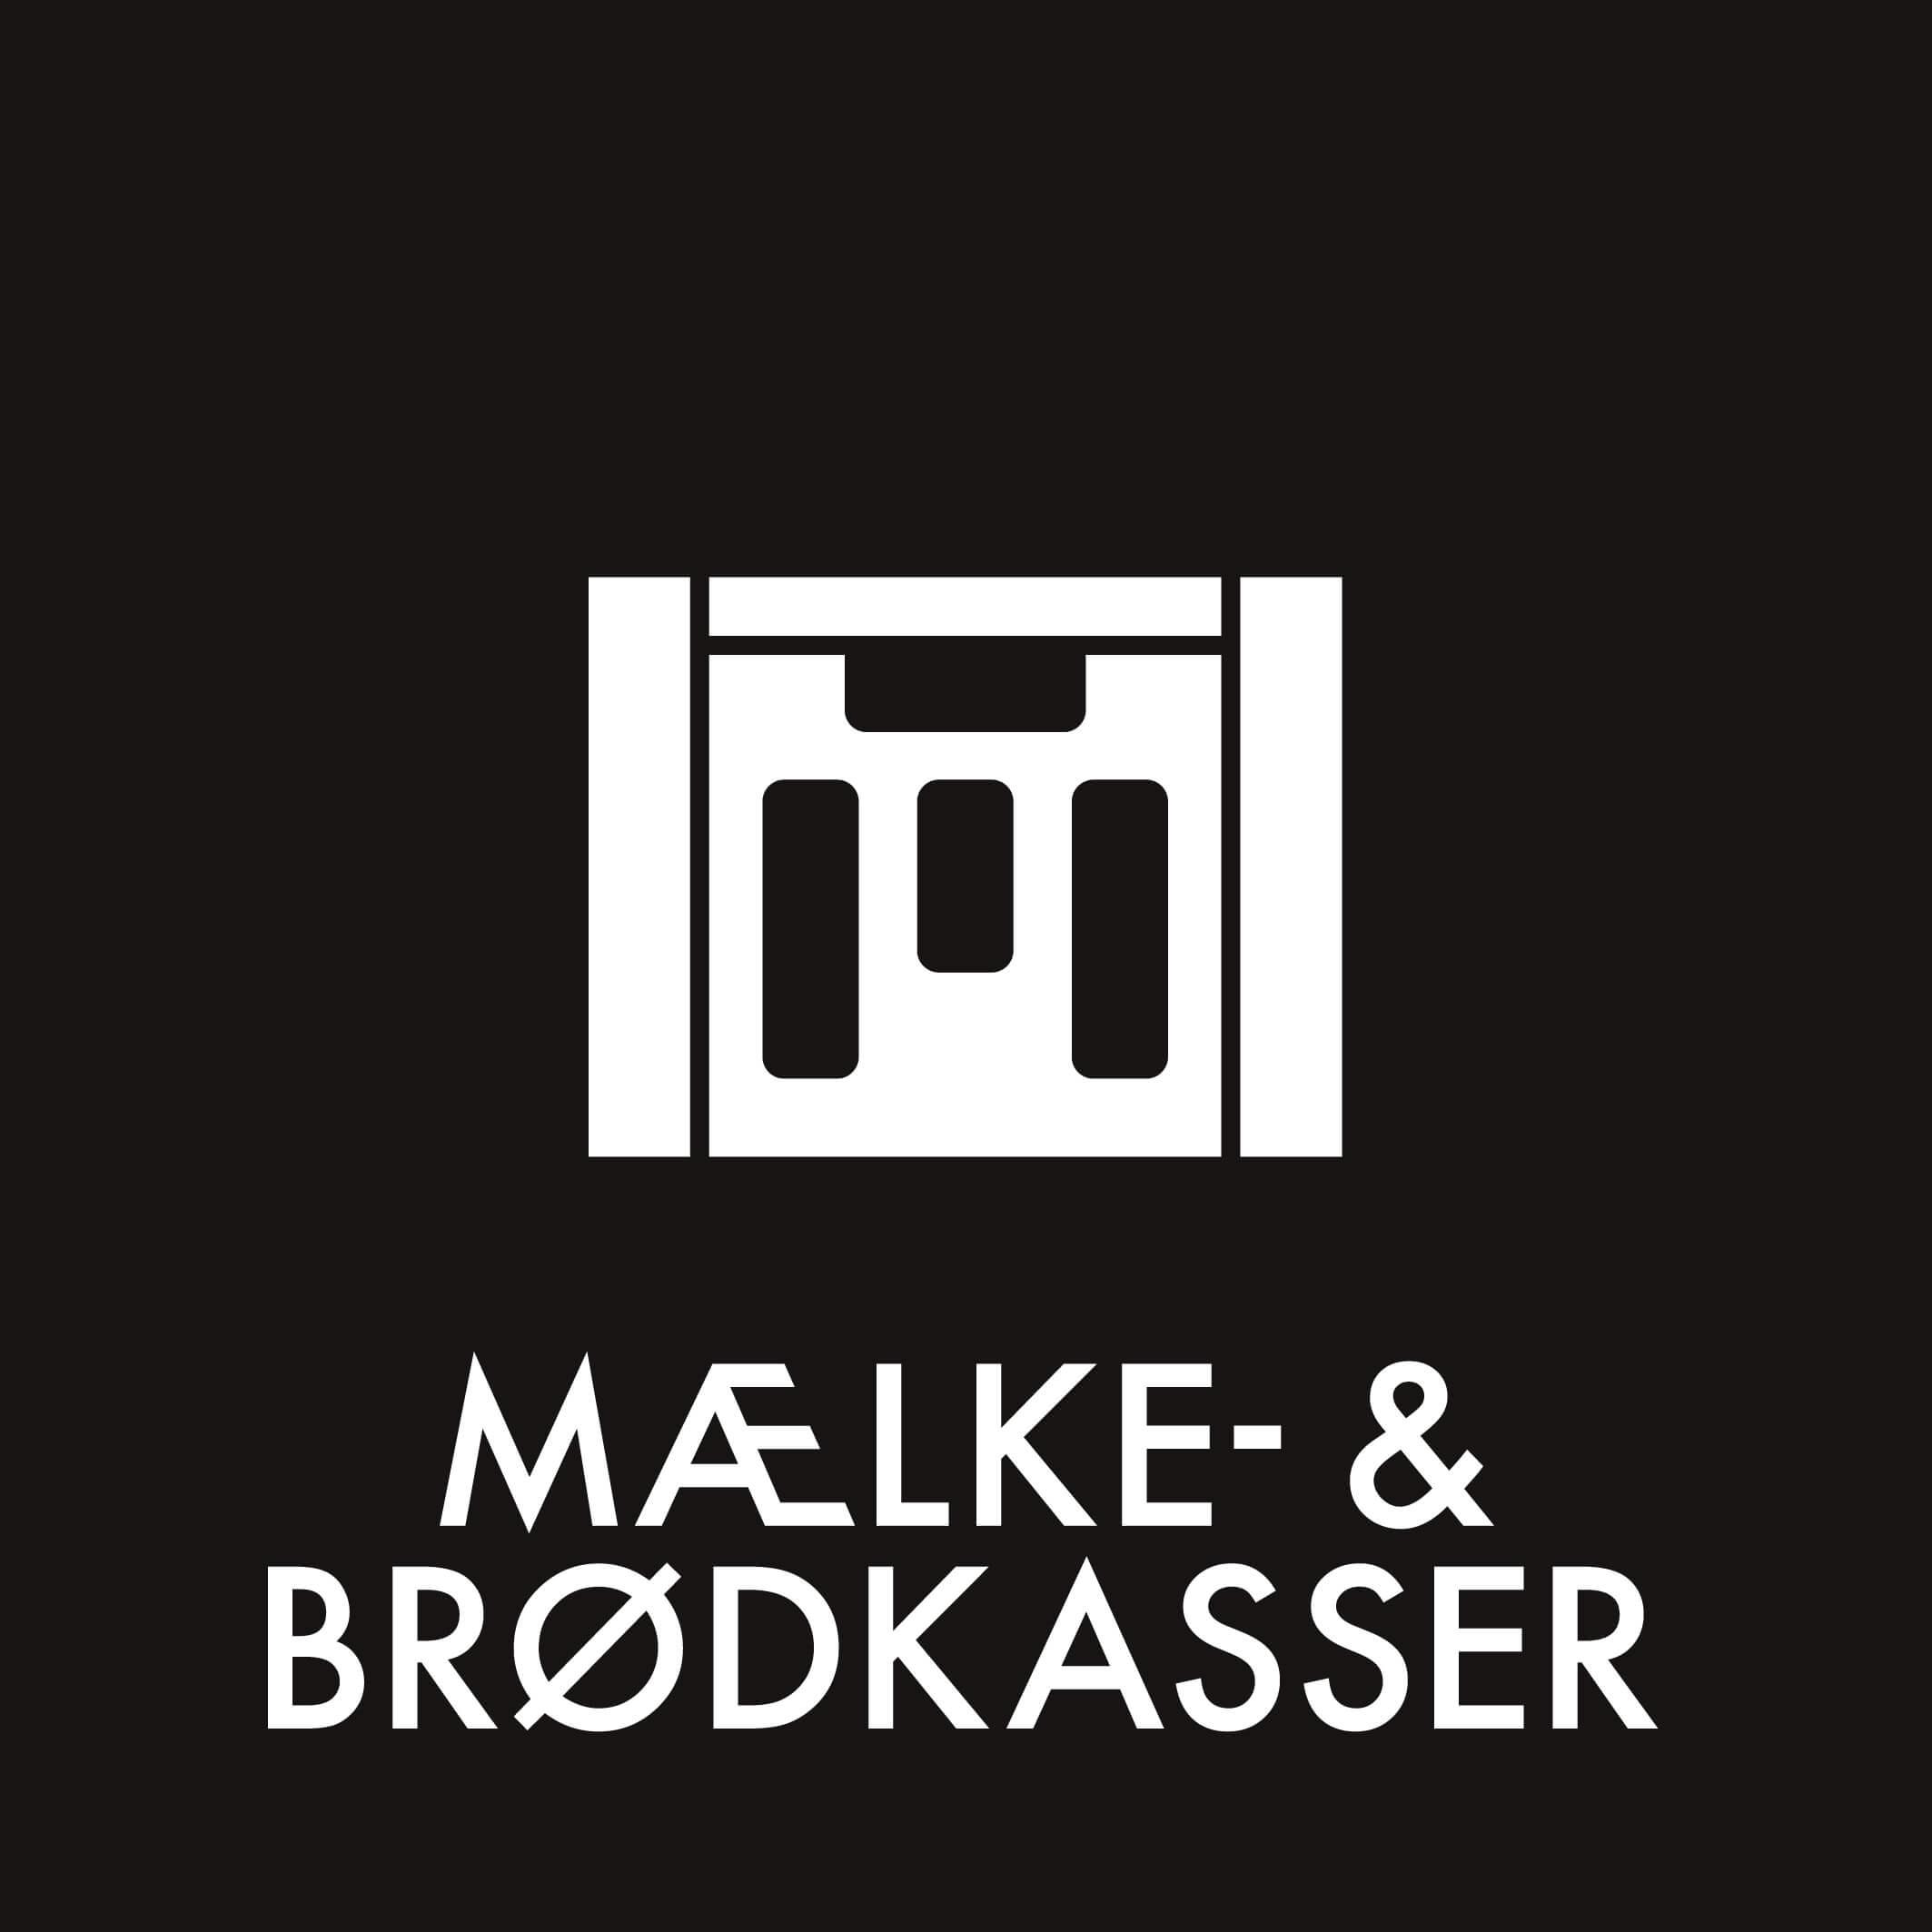 Dansk Affaldssortering - Mælke & brødkasser sort